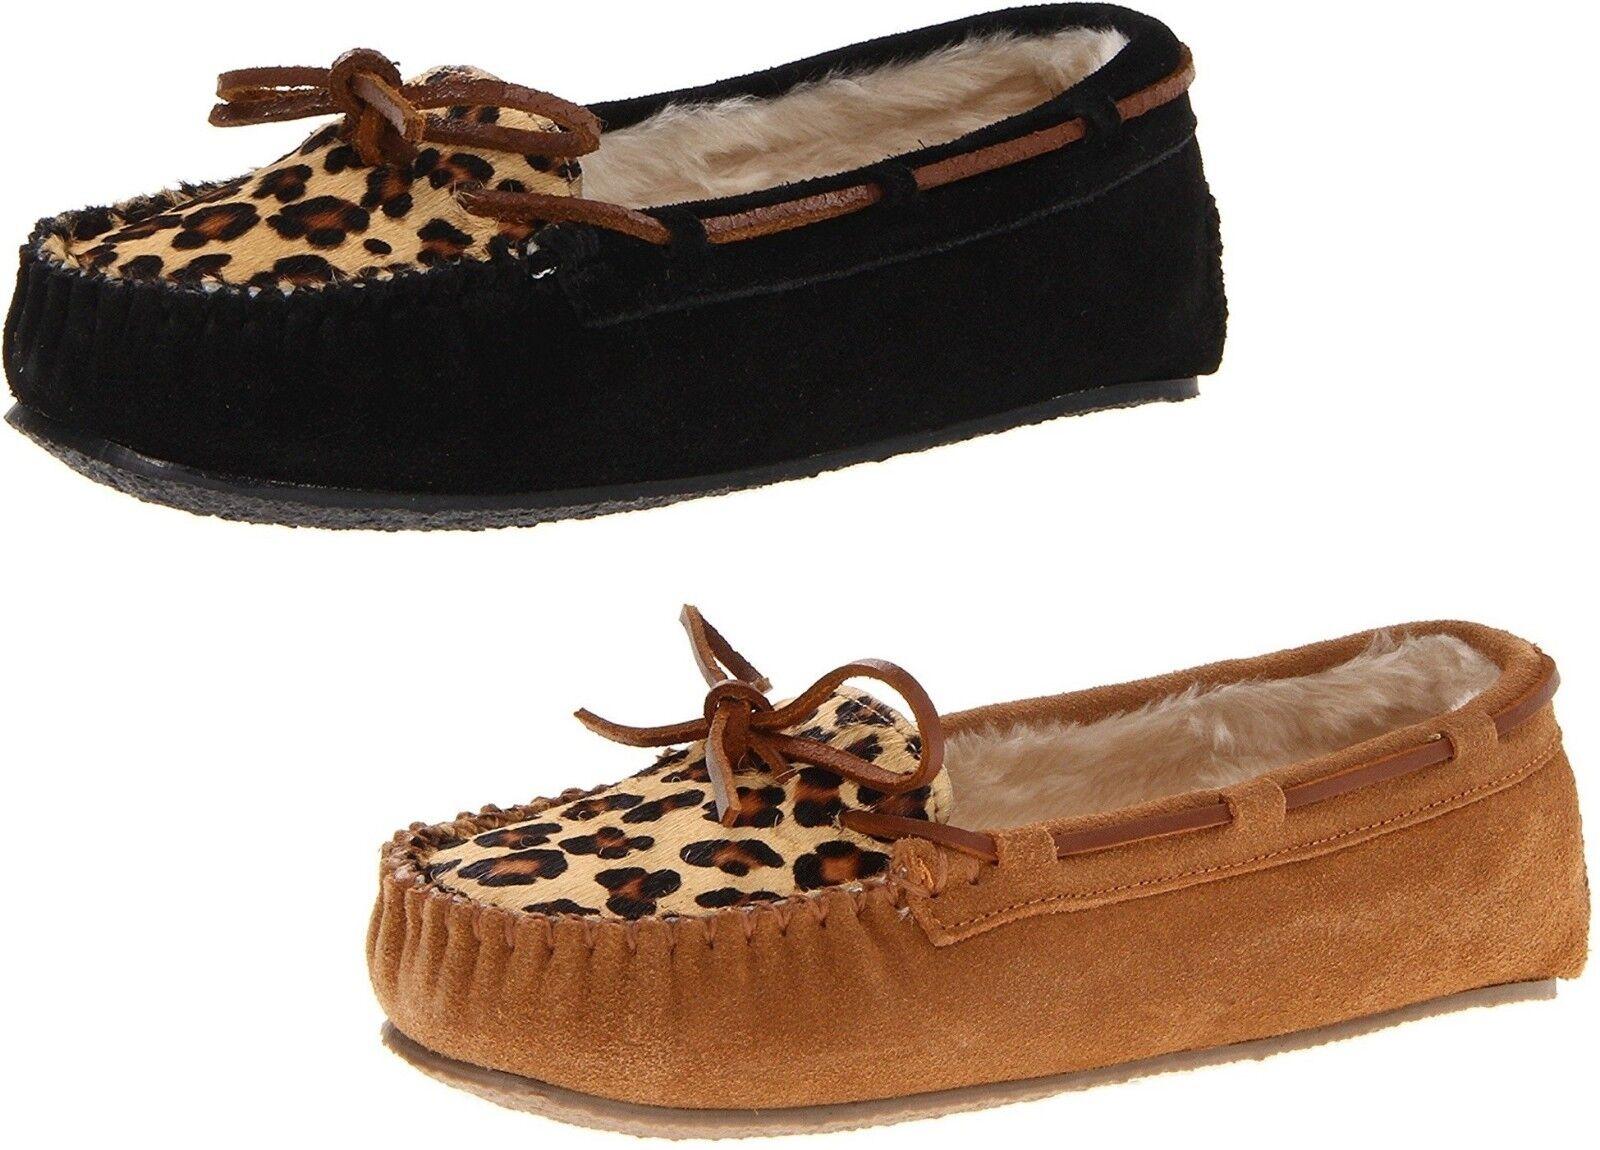 Minnetonka Women's Leopard Cally Slipper